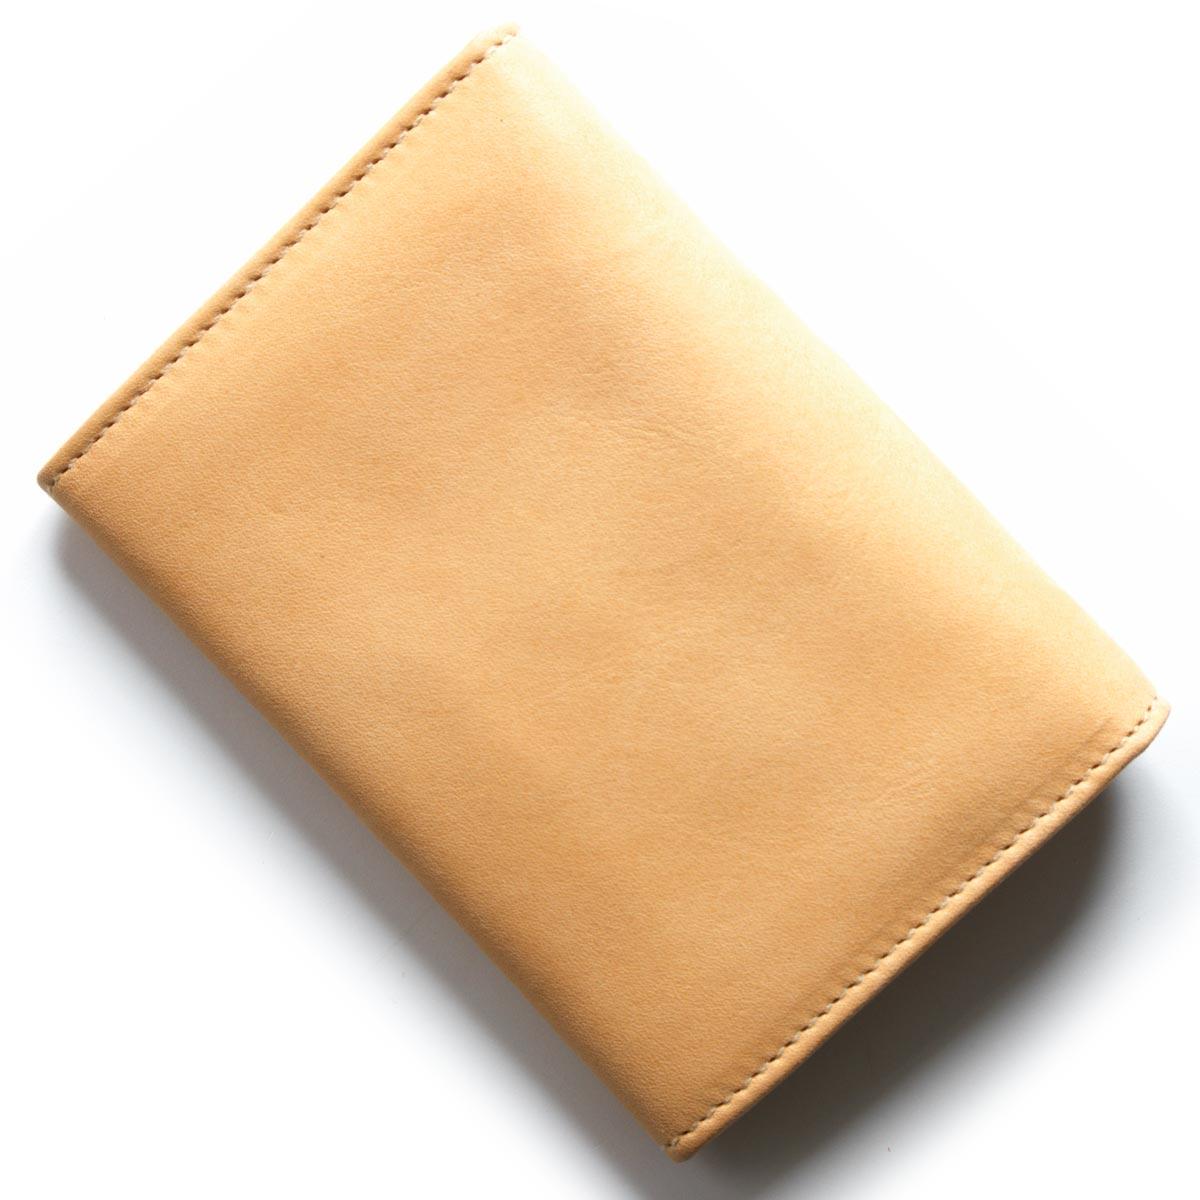 125f0a089b39 ... イルビゾンテコインケース【小銭入れ】/二つ折り財布財布レディースリバティ星柄 ...